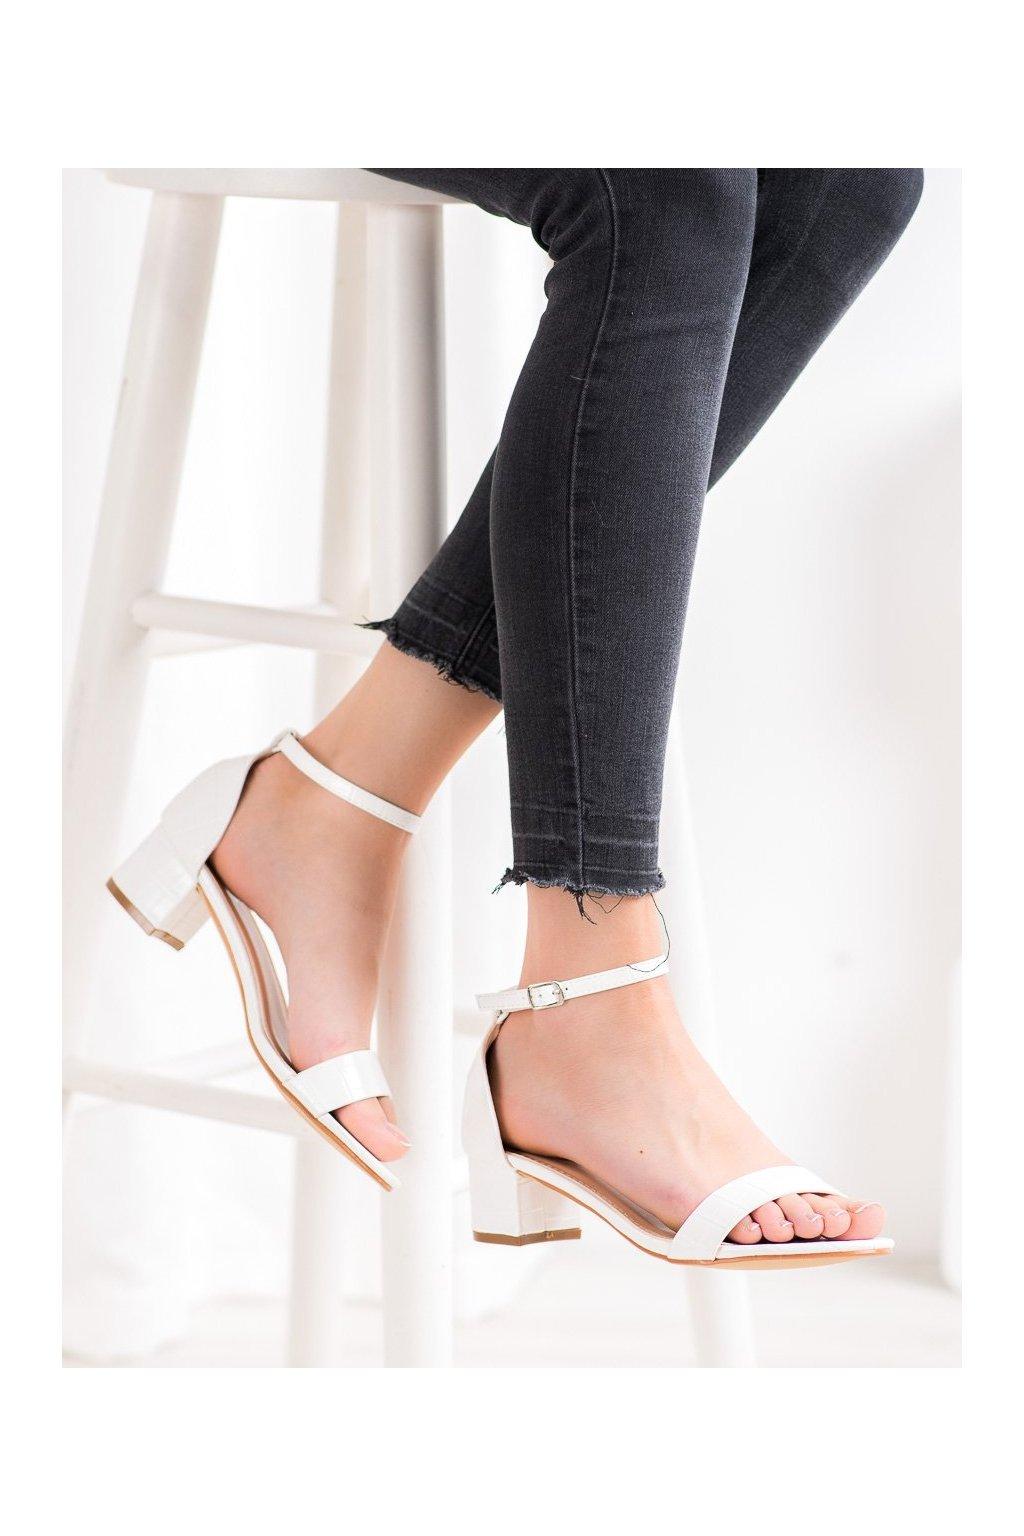 Biele sandále Small swan kod YC-151W